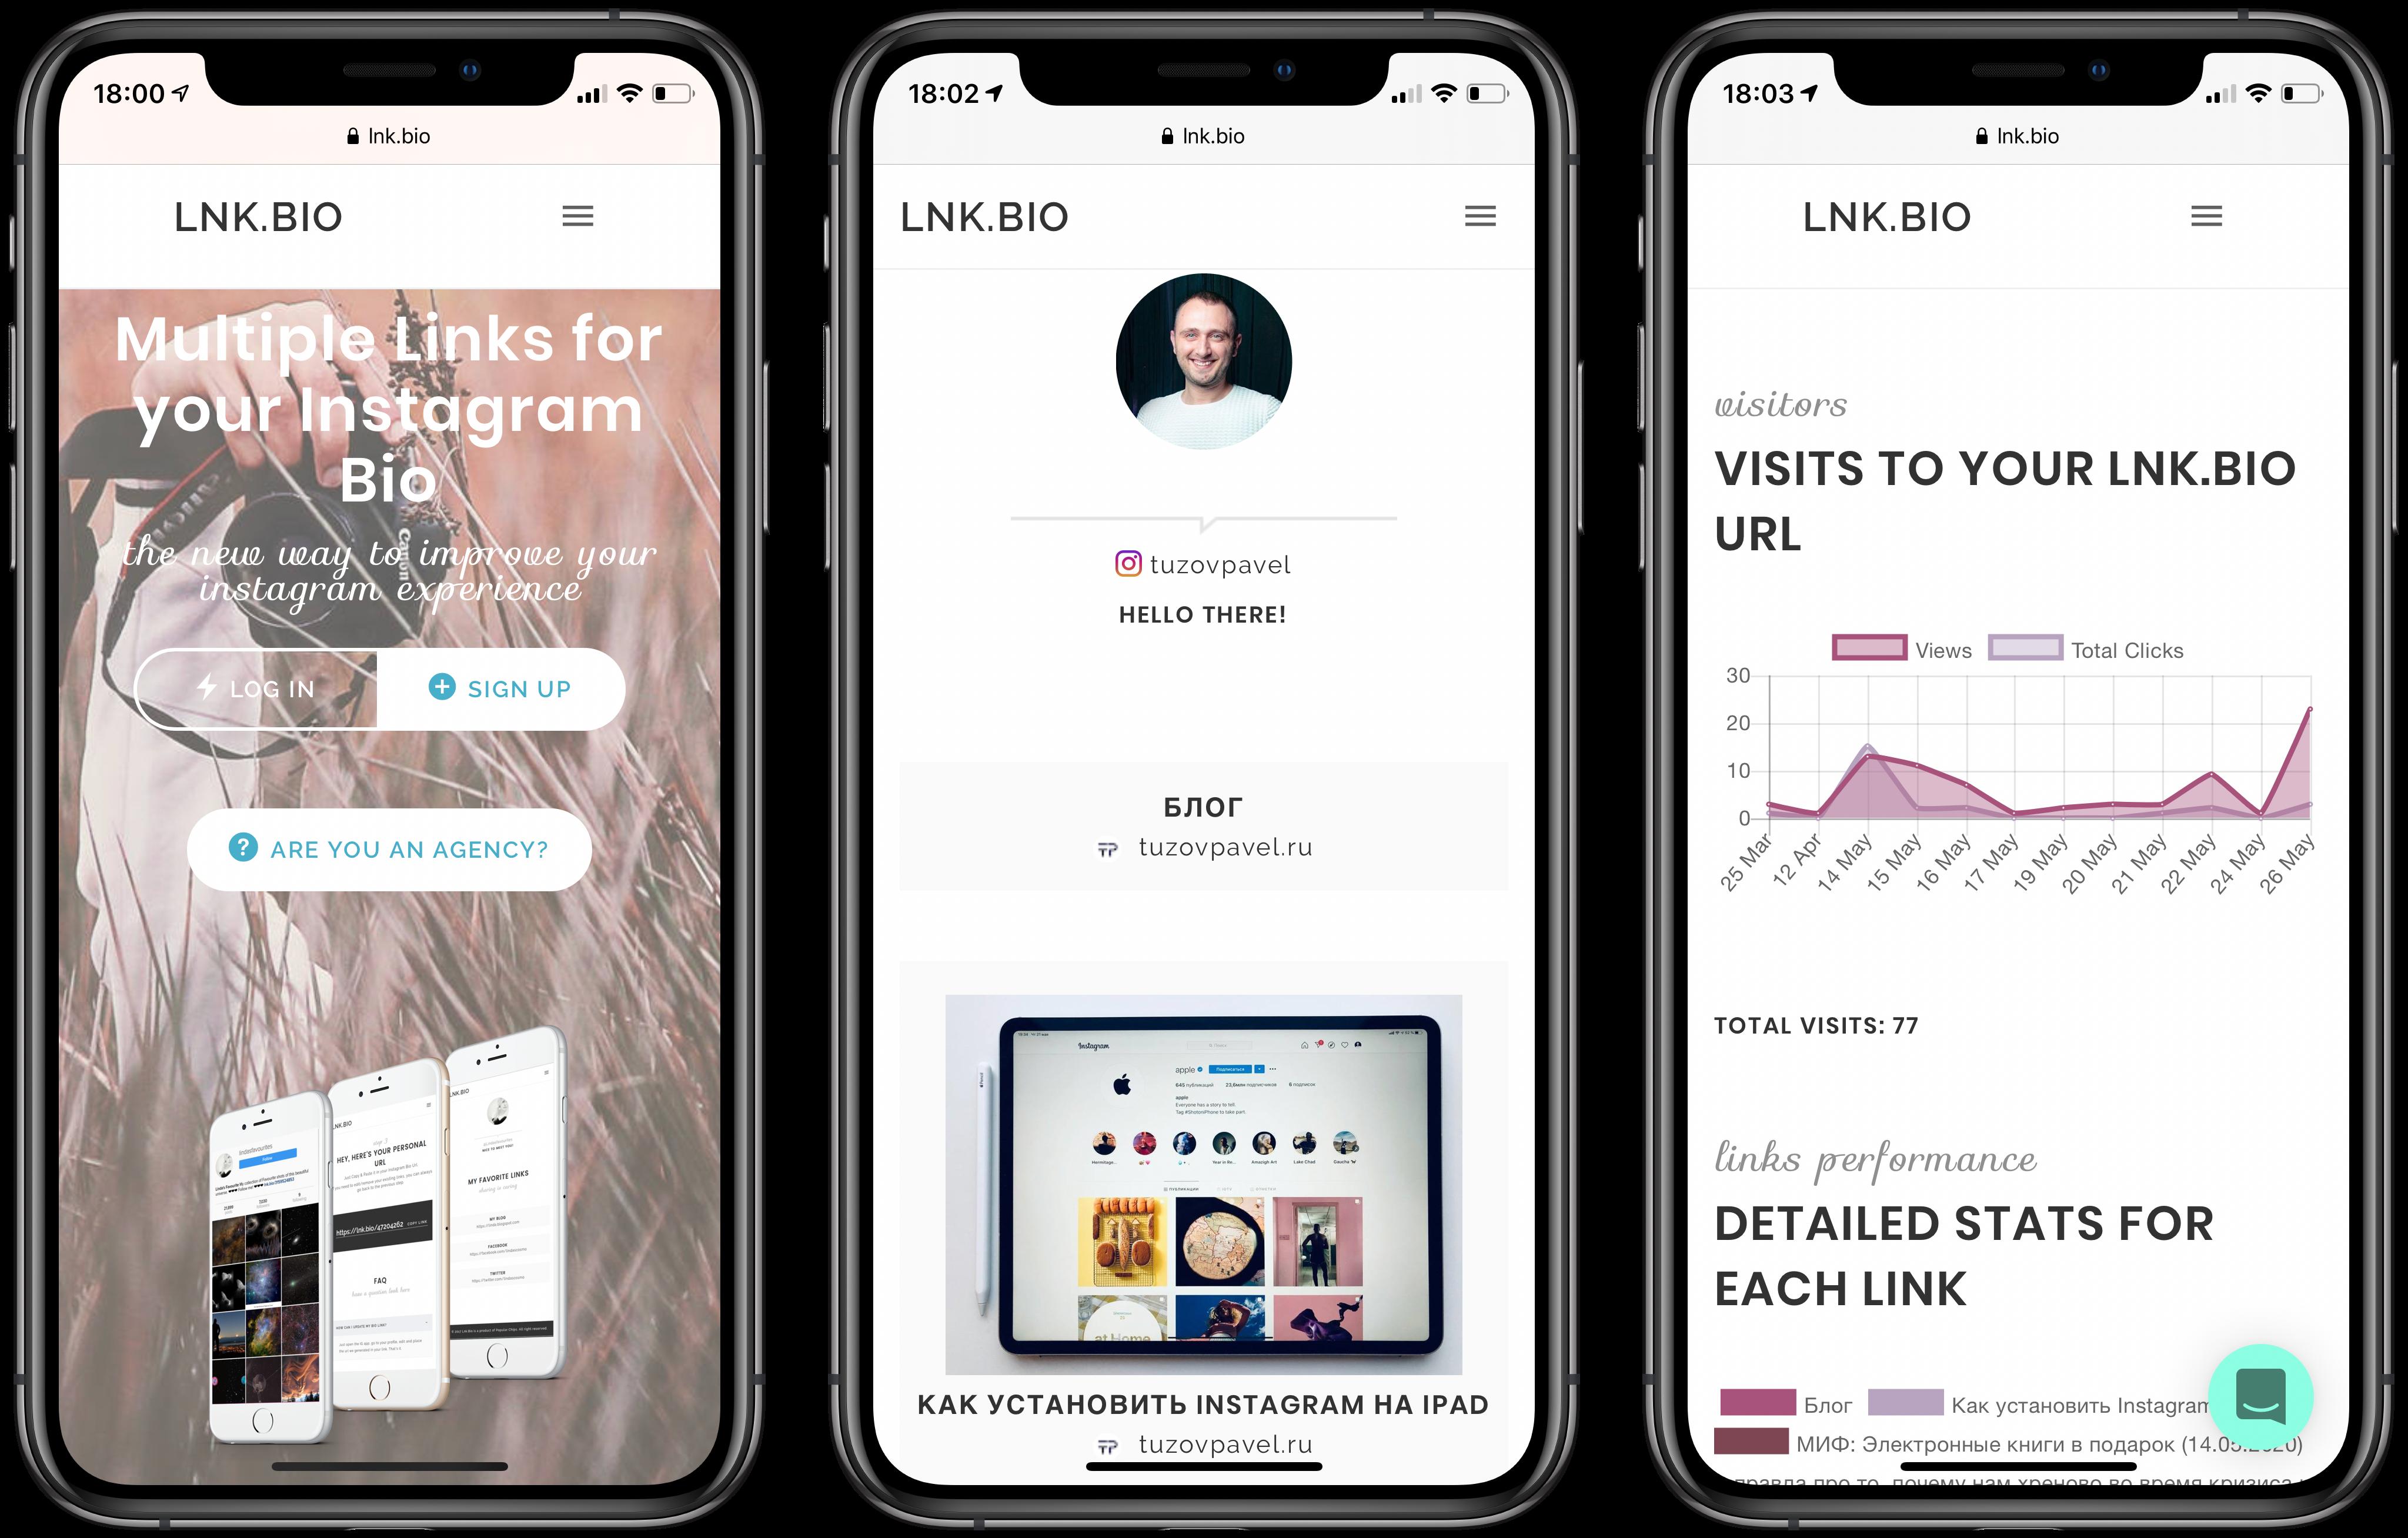 Lnk.Bio – Лучший сервис для создания мультиссылок в Instagram в шапке профиля